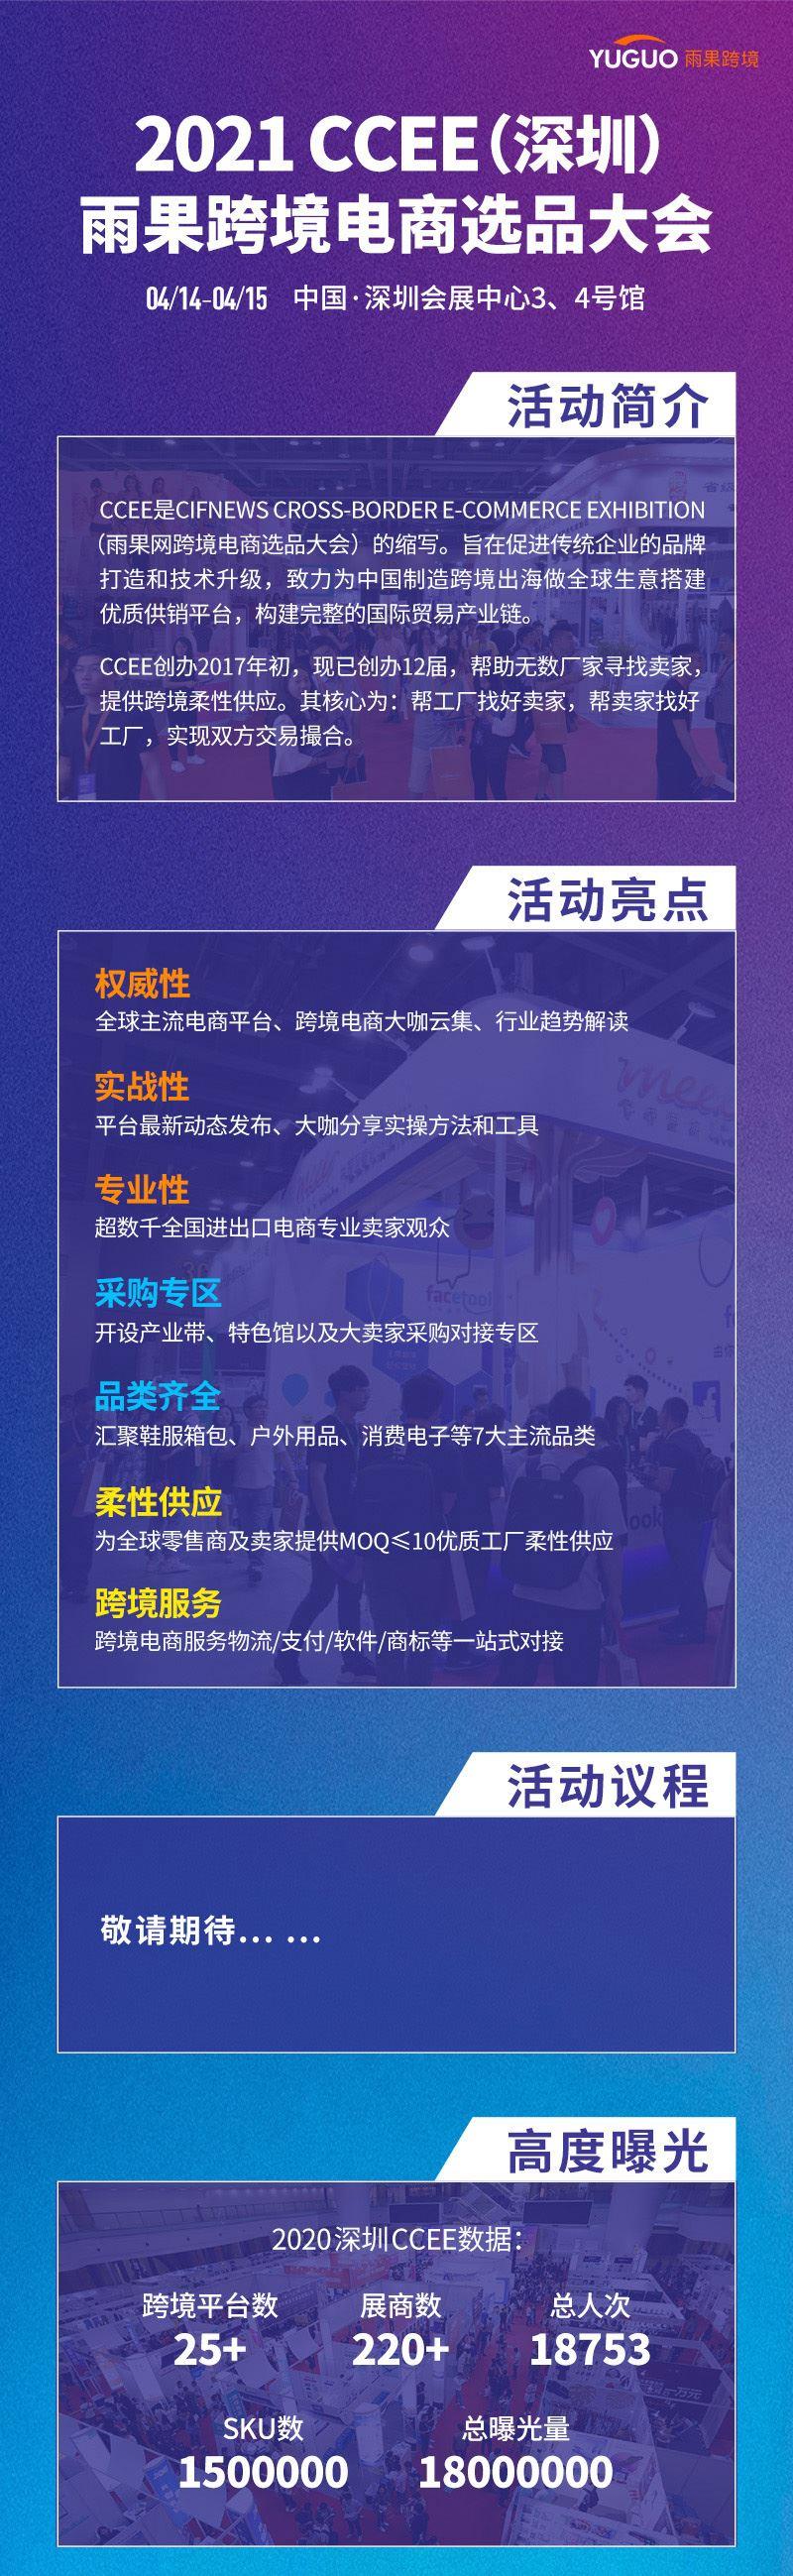 2021深圳CCEE-活动行_01.jpg